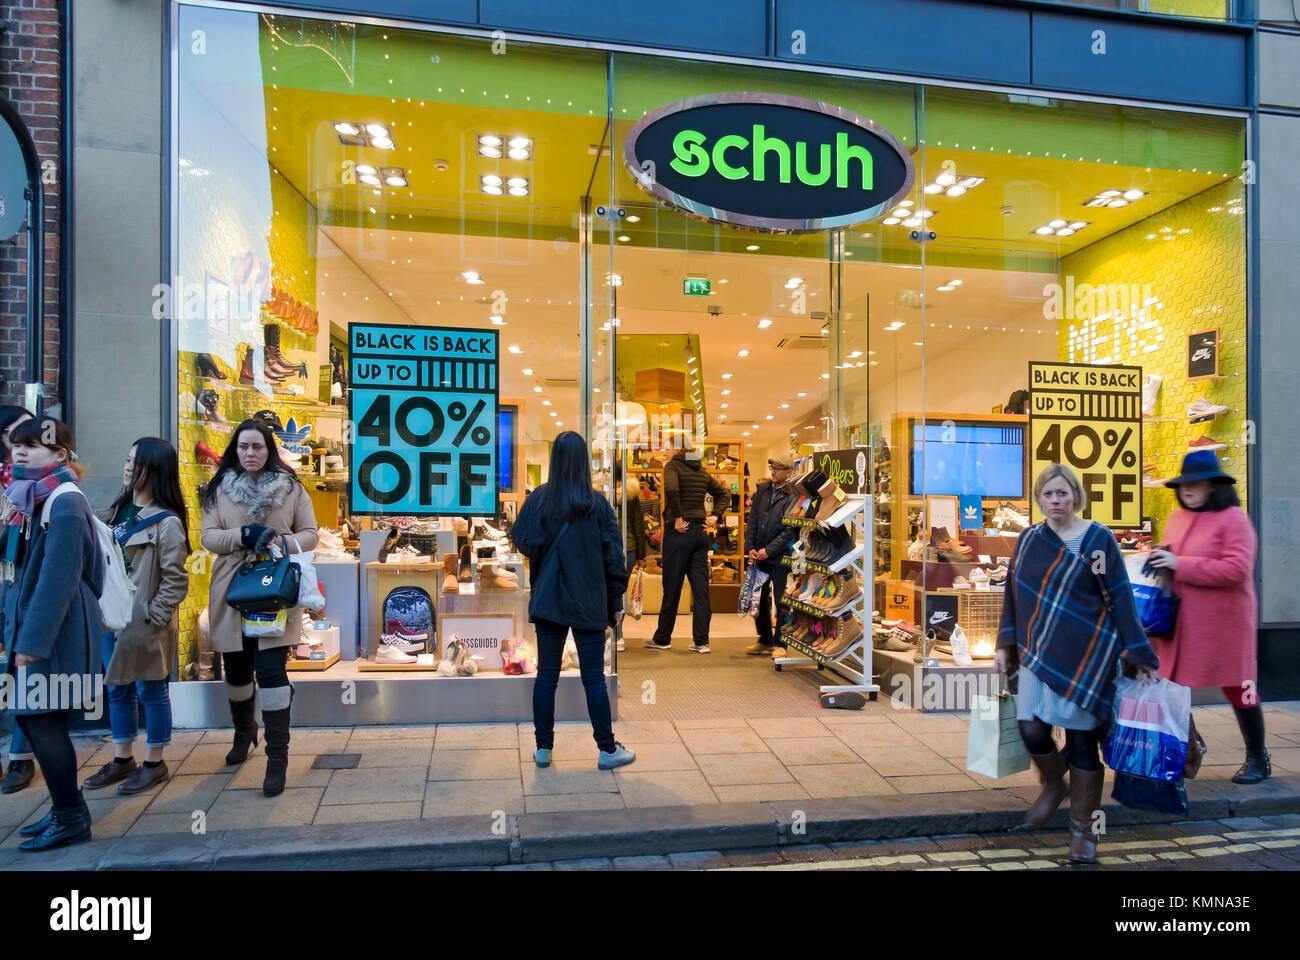 0db7bad97ccb9c Venerdì nero segni su Schuh negozio di scarpe store window England Regno  Unito Regno Unito GB